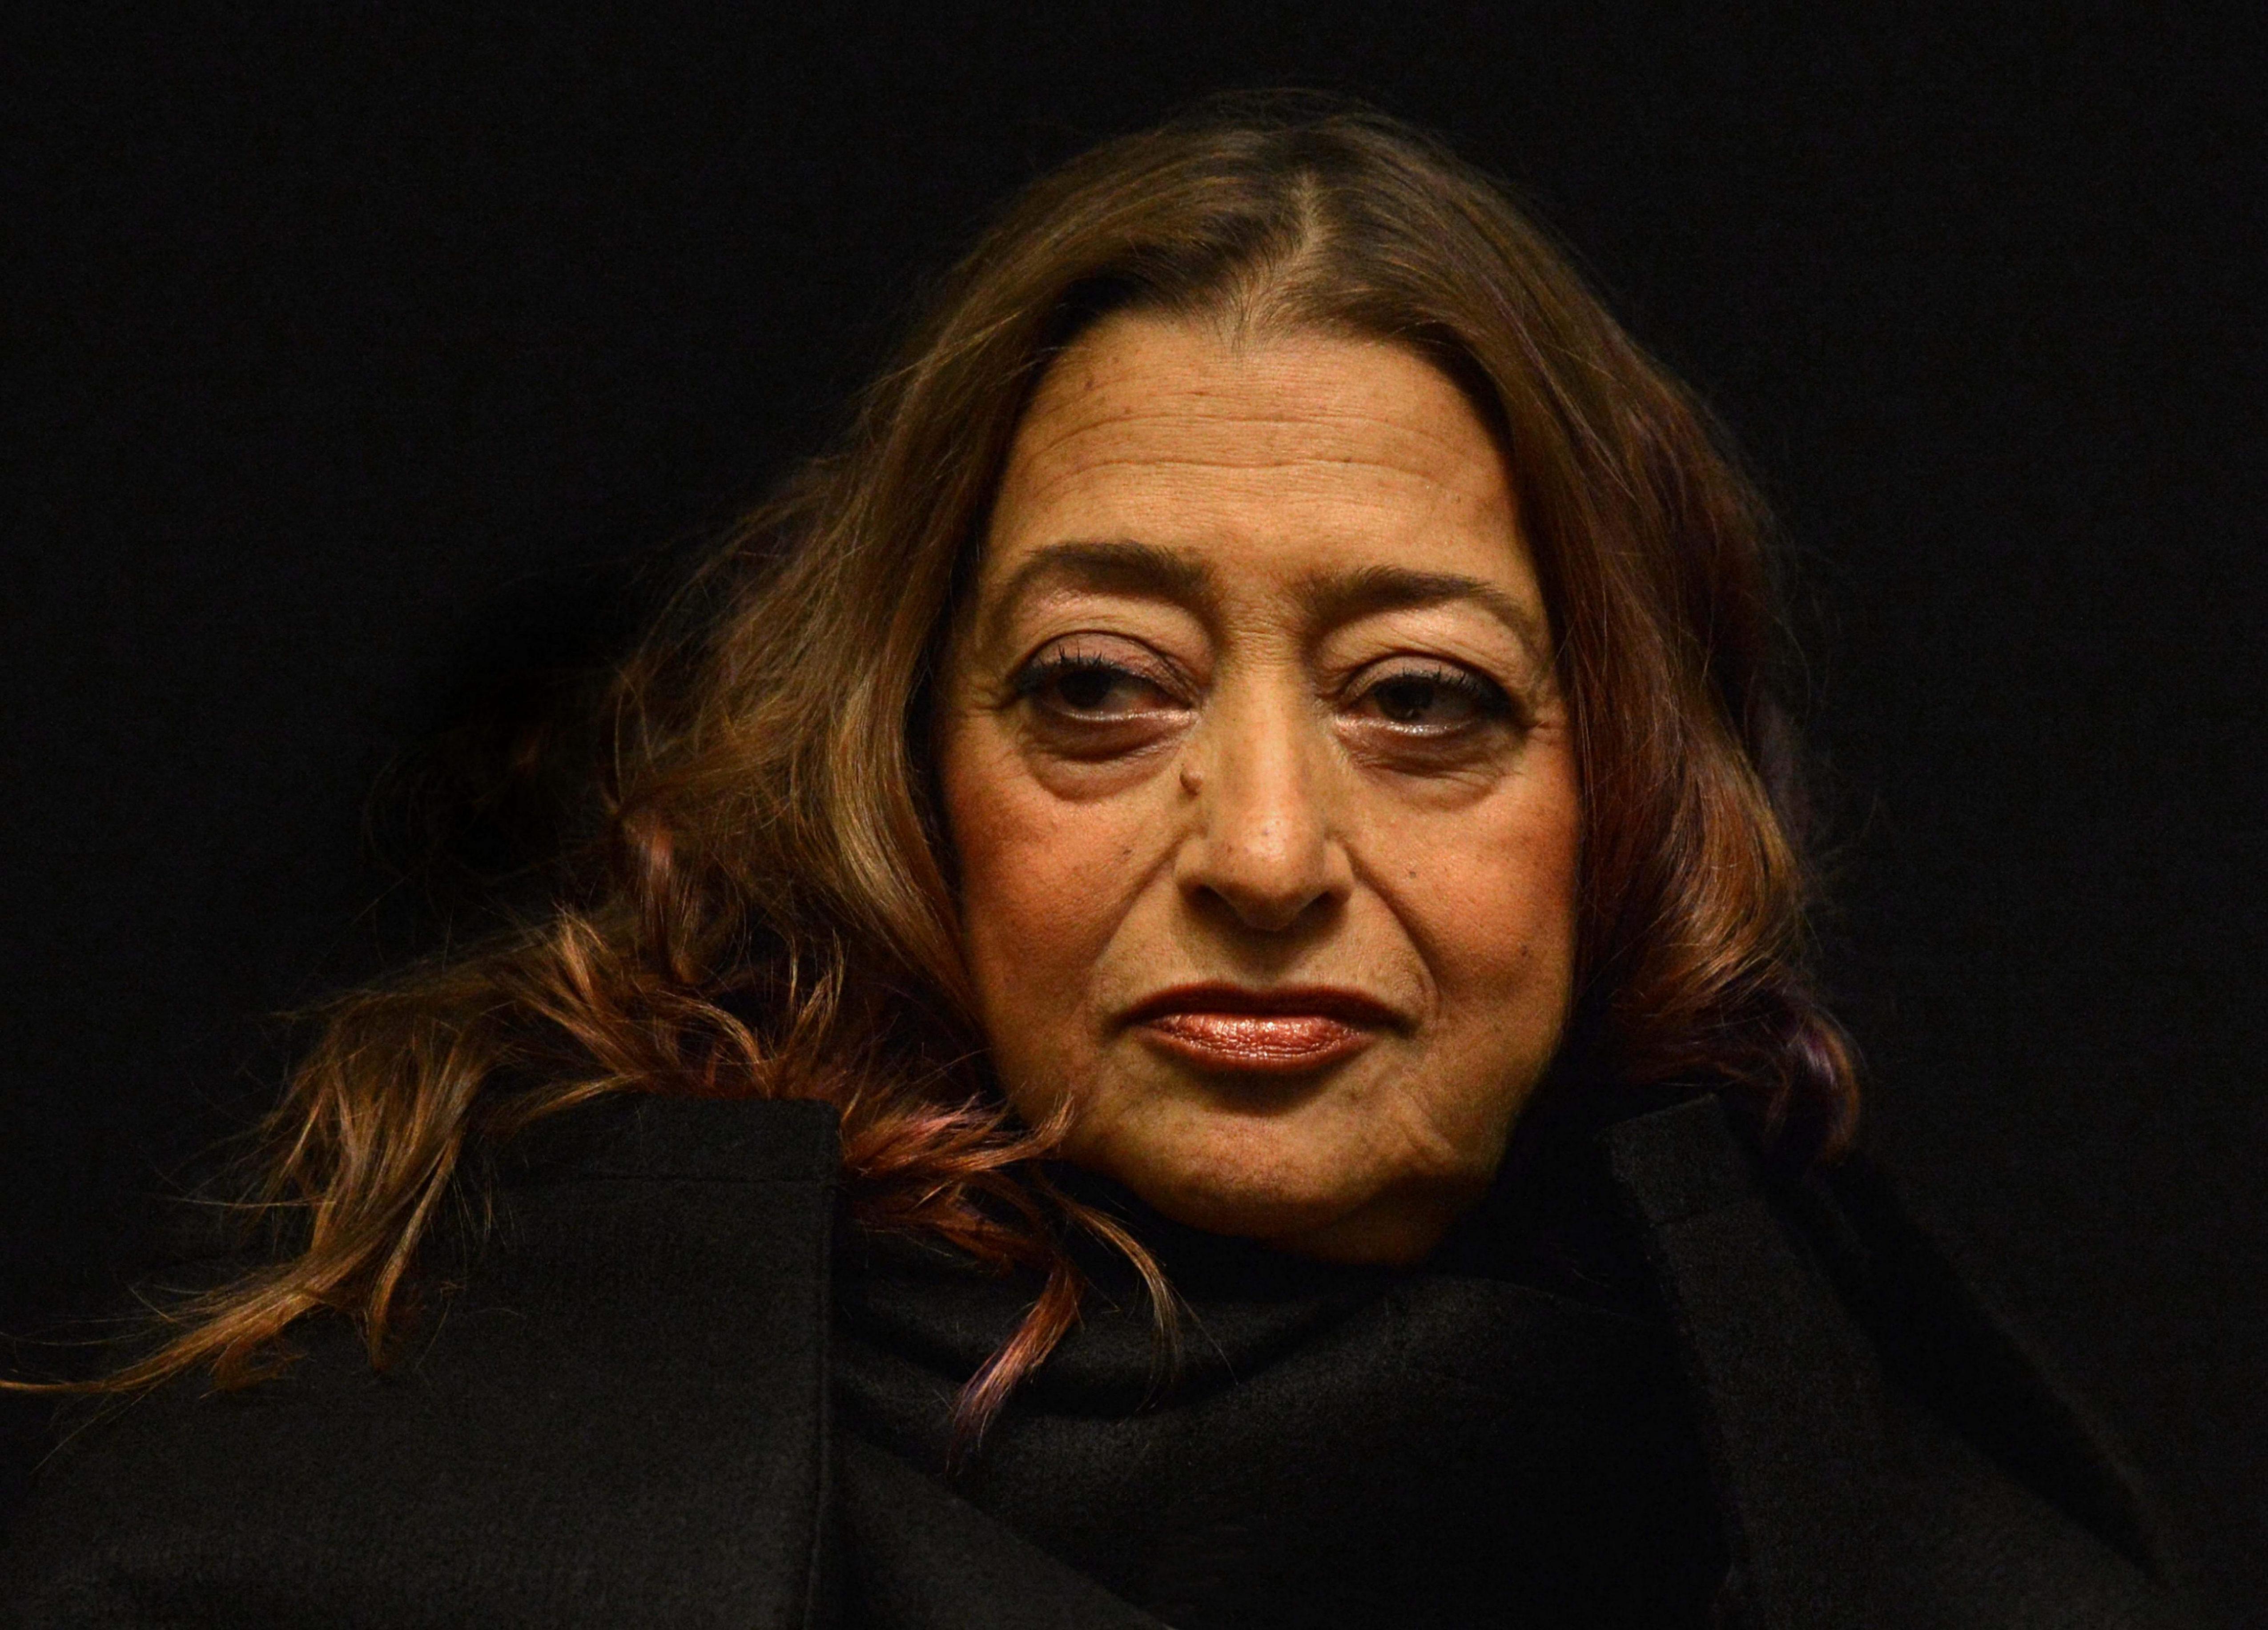 Zaha Hadid, 2012. Photographer: Mark Allan.